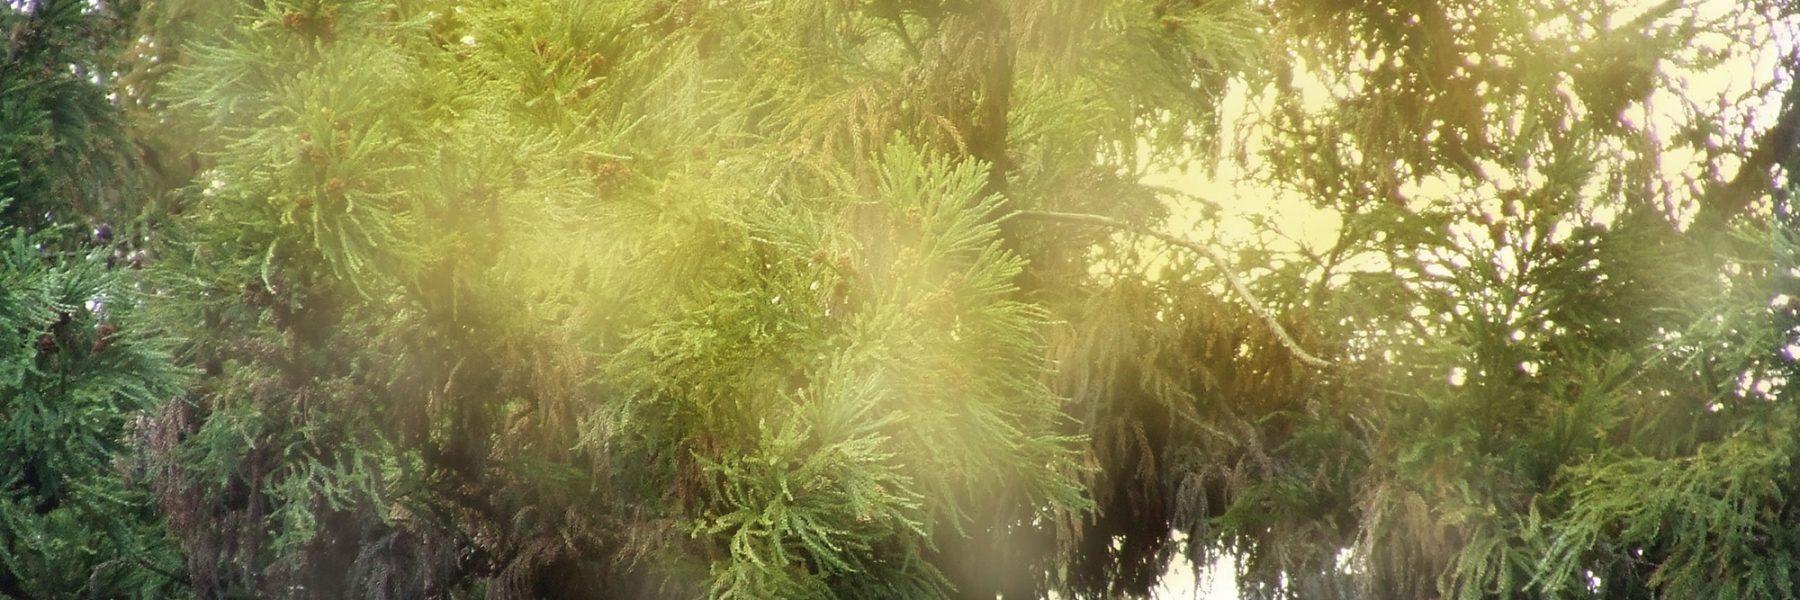 スギ花粉のイメージ画